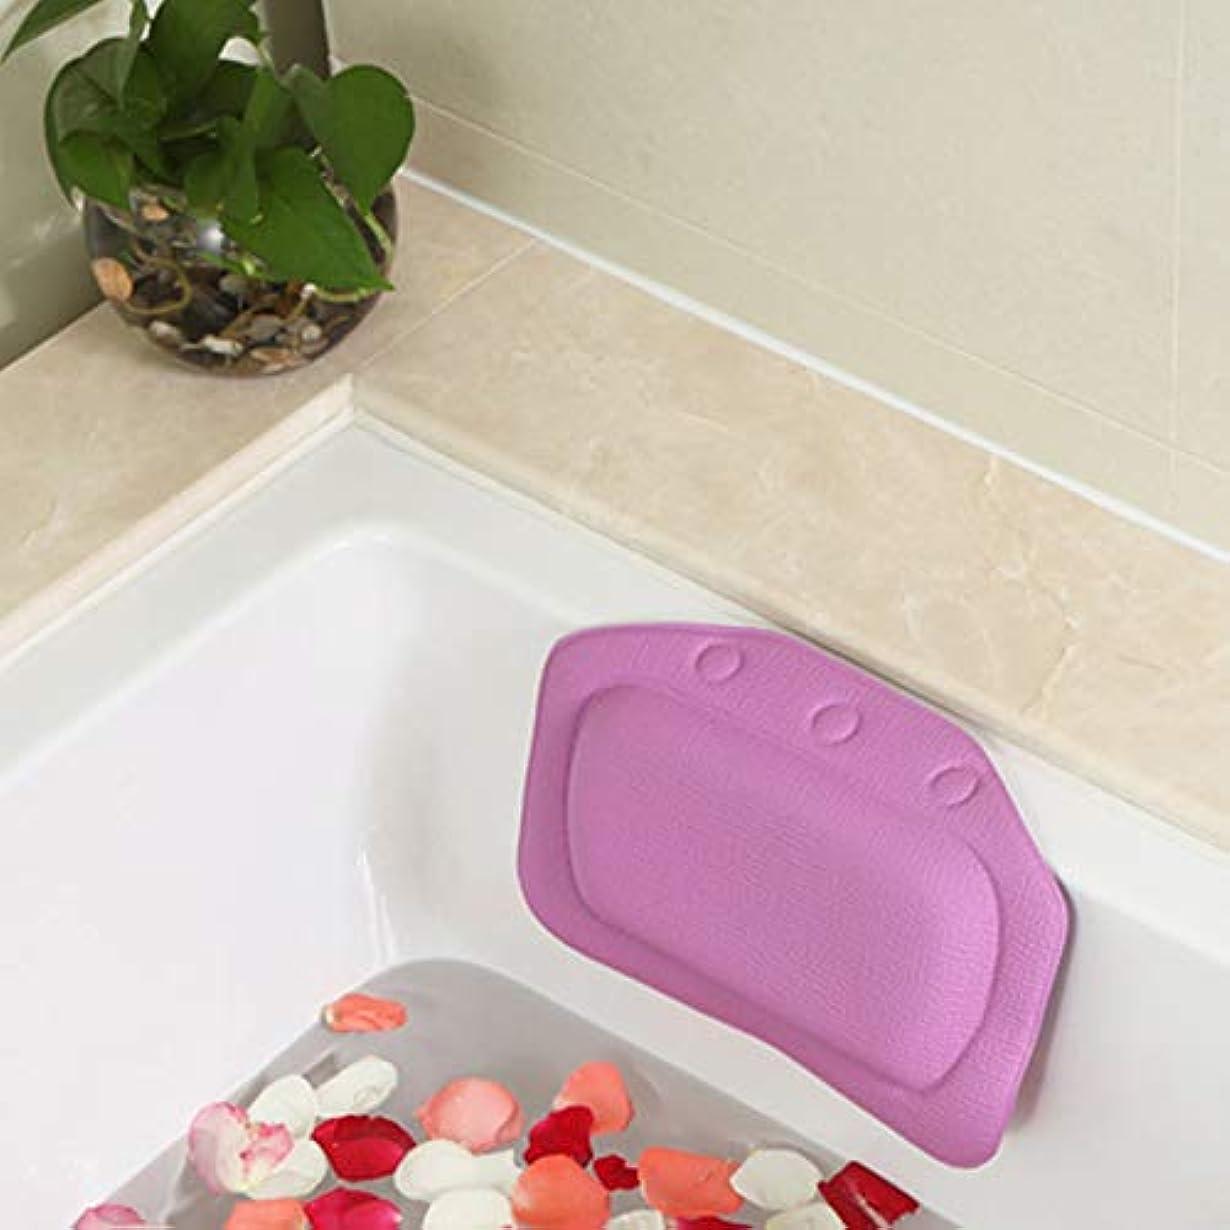 輝度すずめパレード柔らかいpvc発泡スポンジ風呂枕防水ヘッドレストクッション付き浴室シャワー浴槽リラックスアクセサリー,Purple